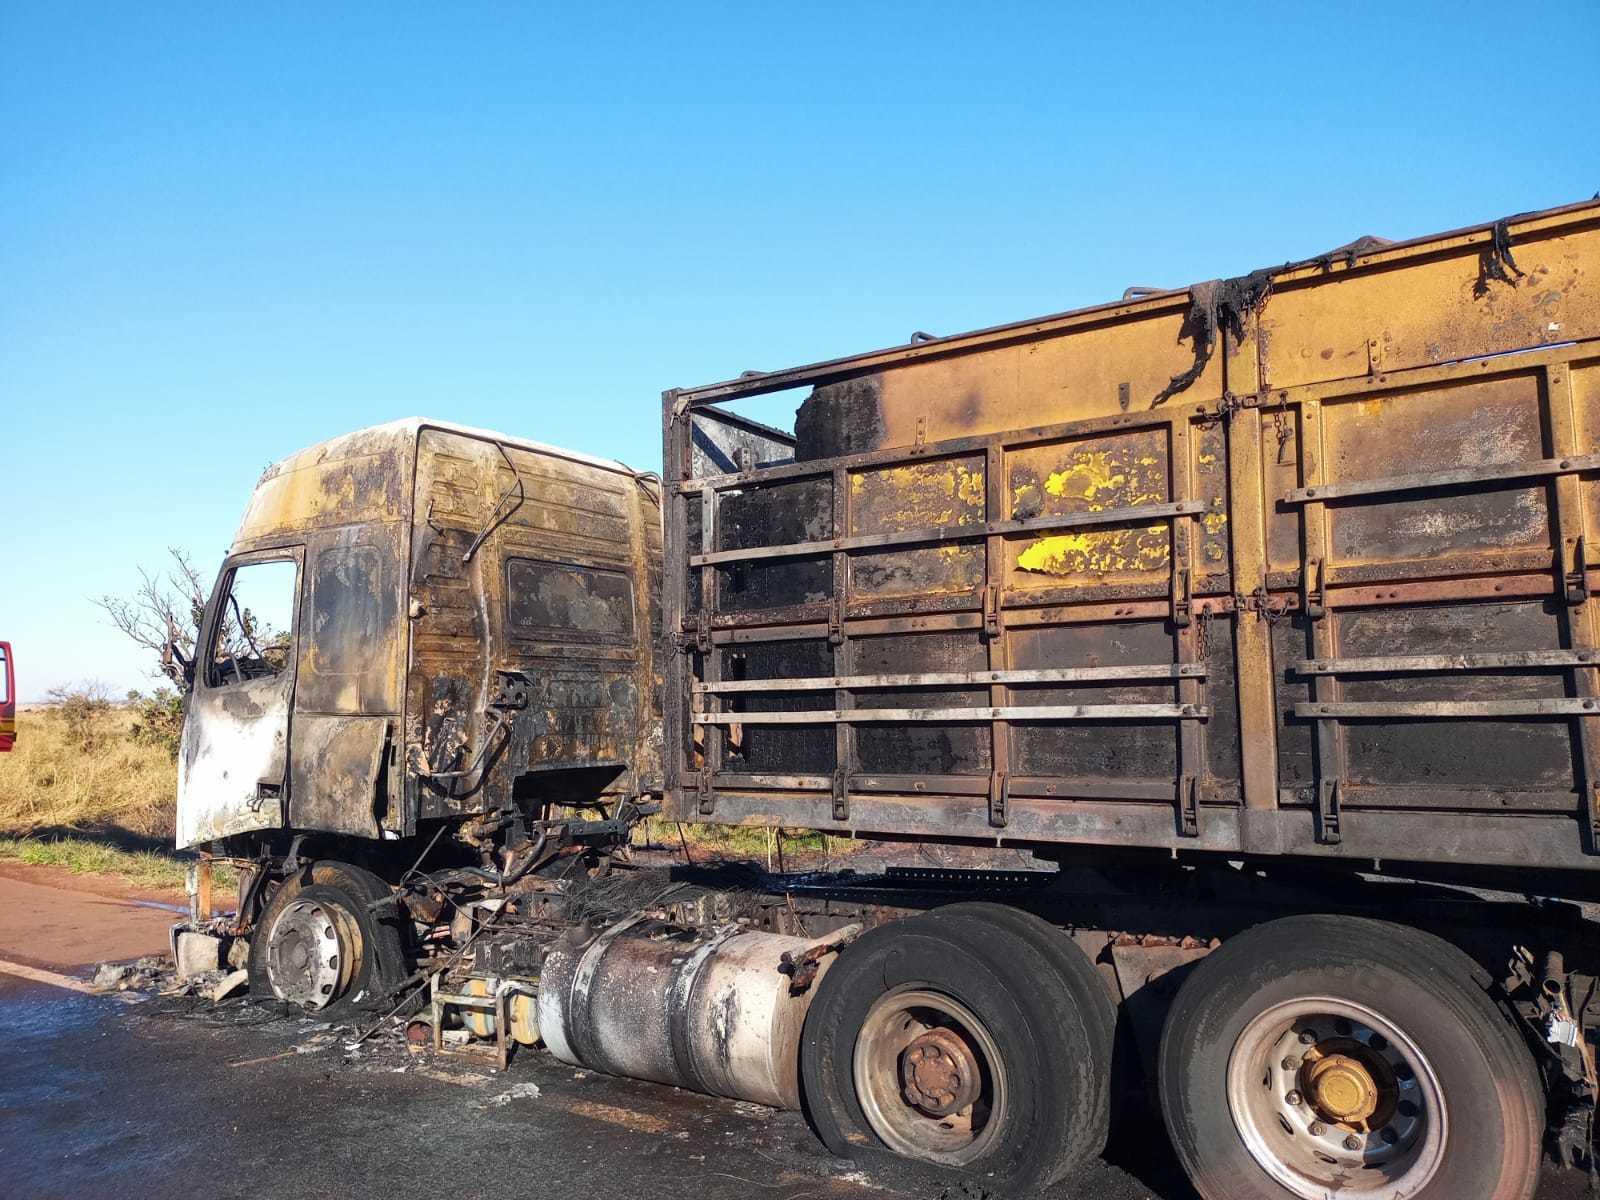 Cabine e parte da carroceria foram destruídas pelo fogo (Foto: Divulgação/Corpo de Bombeiros)